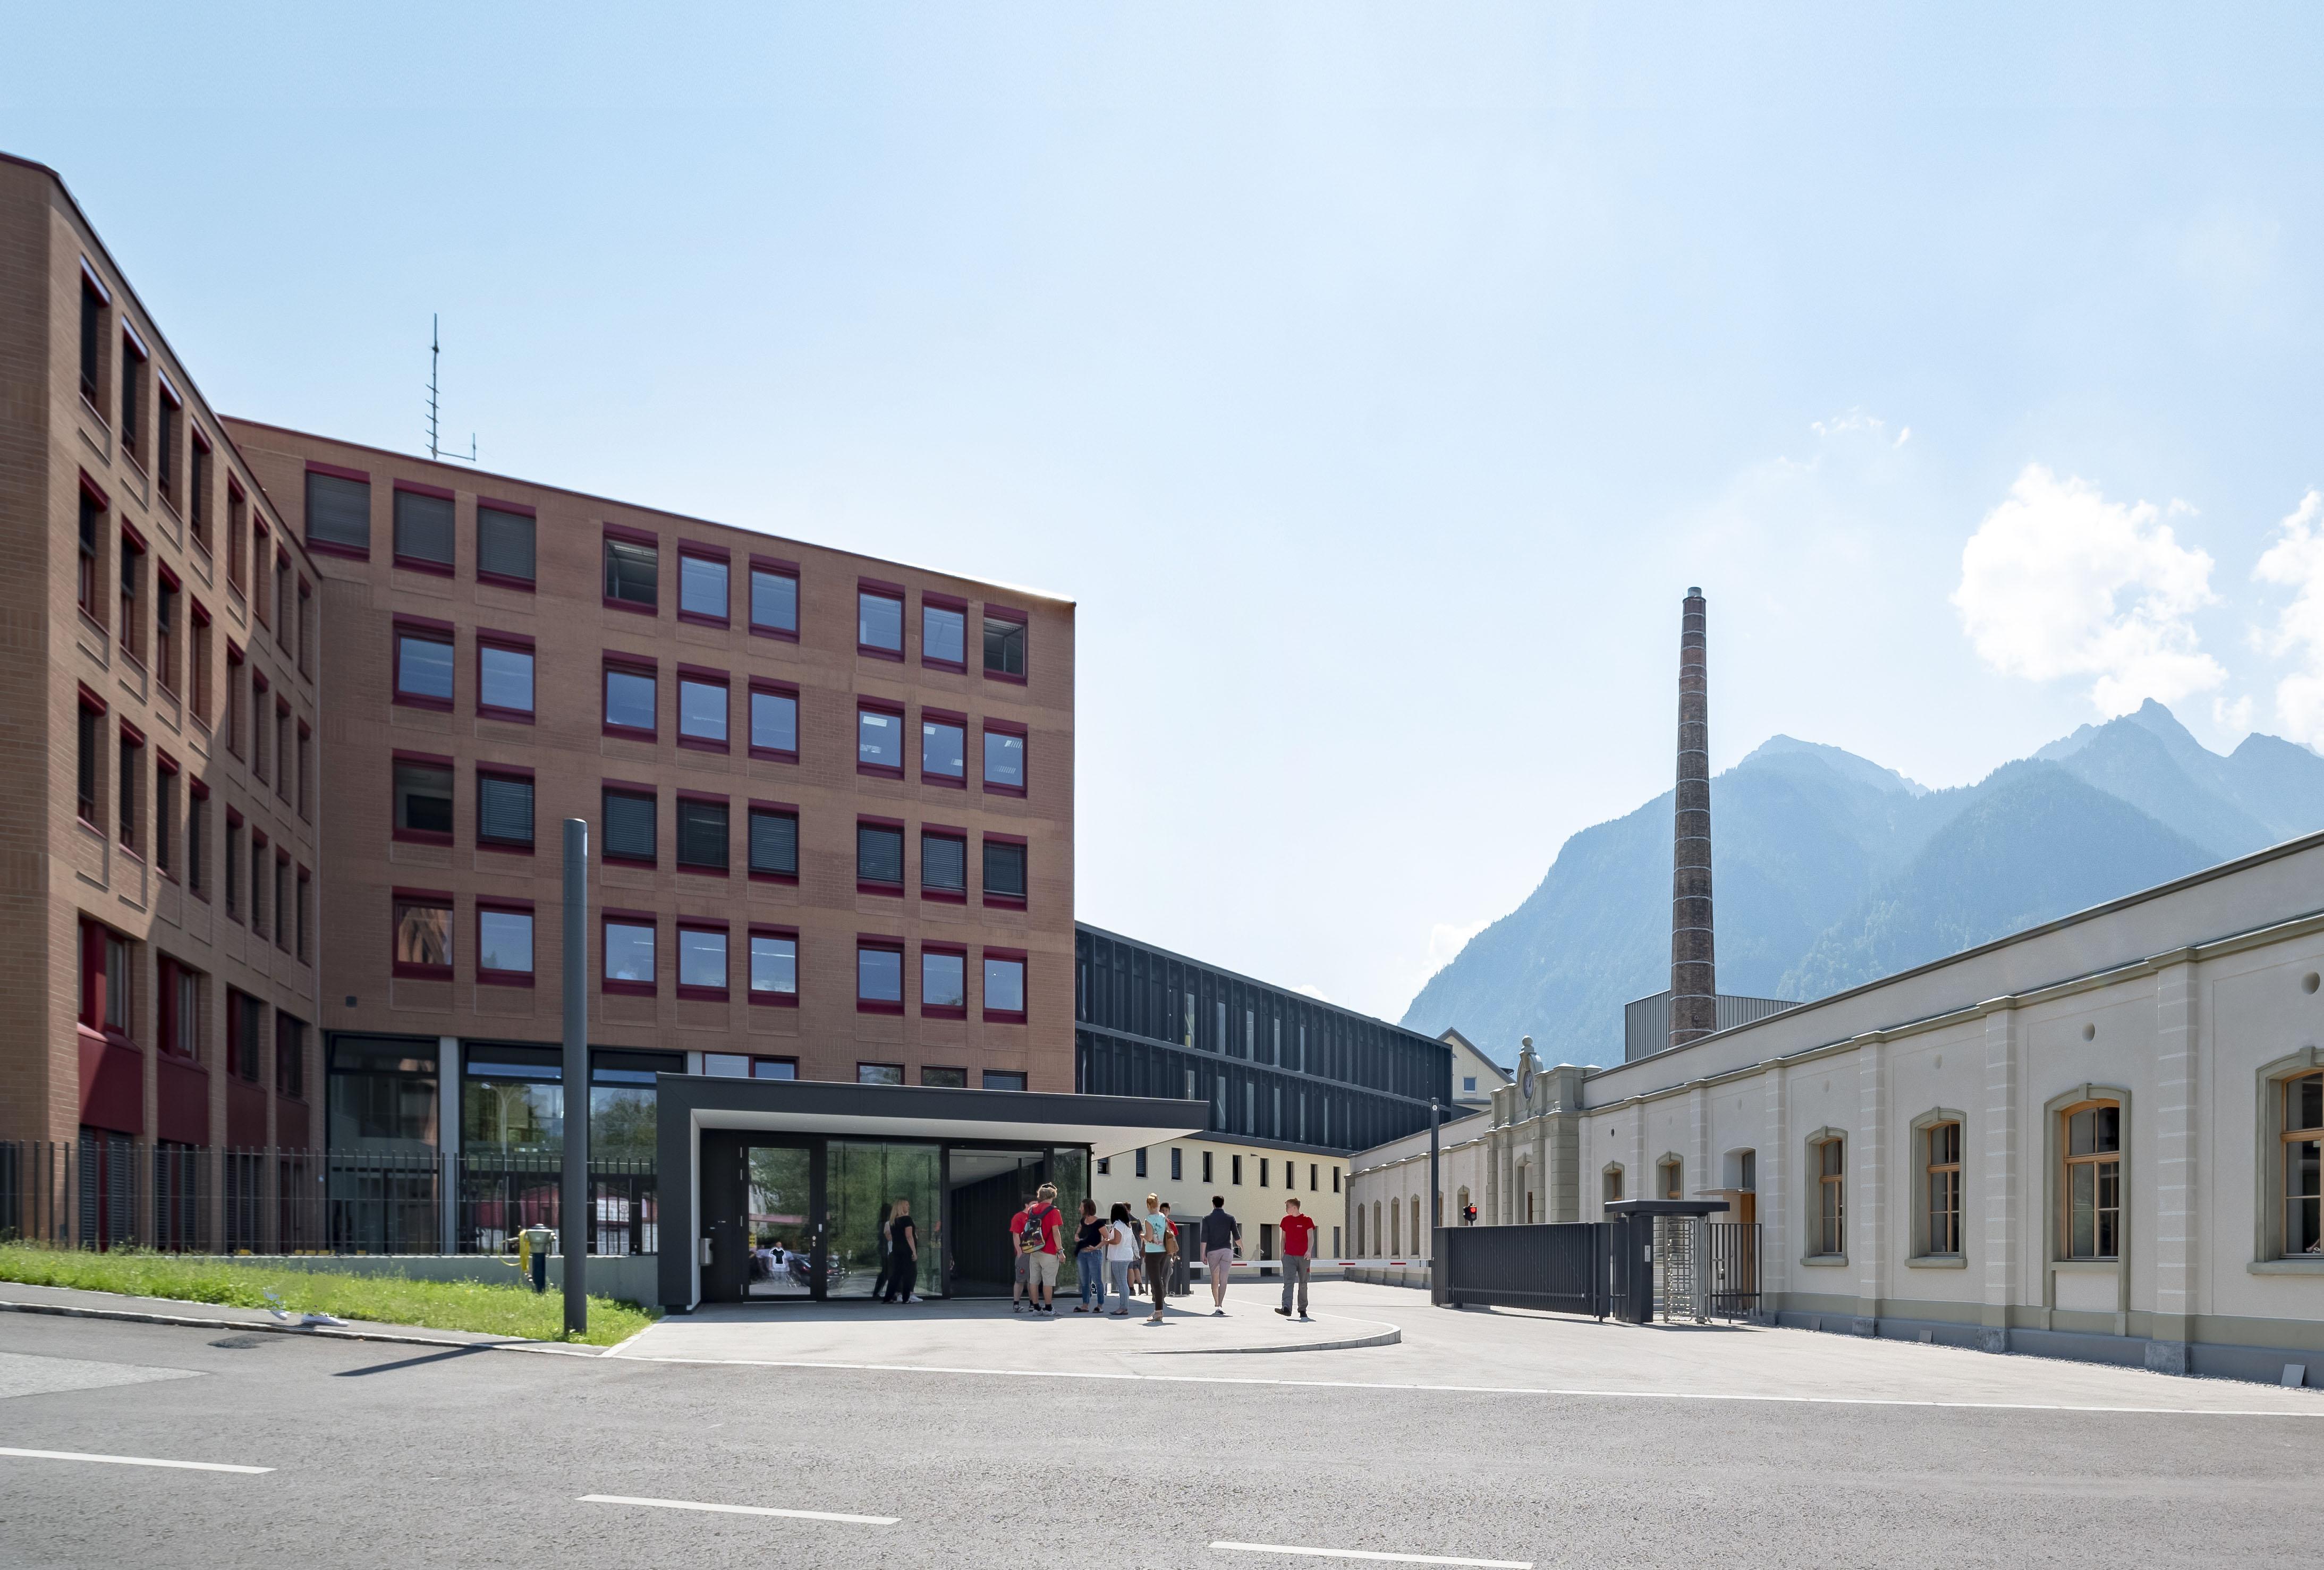 Getzner AG'de Isı Geri Kazanımı ve Egzoz Havası Kirliliği Kontrolü